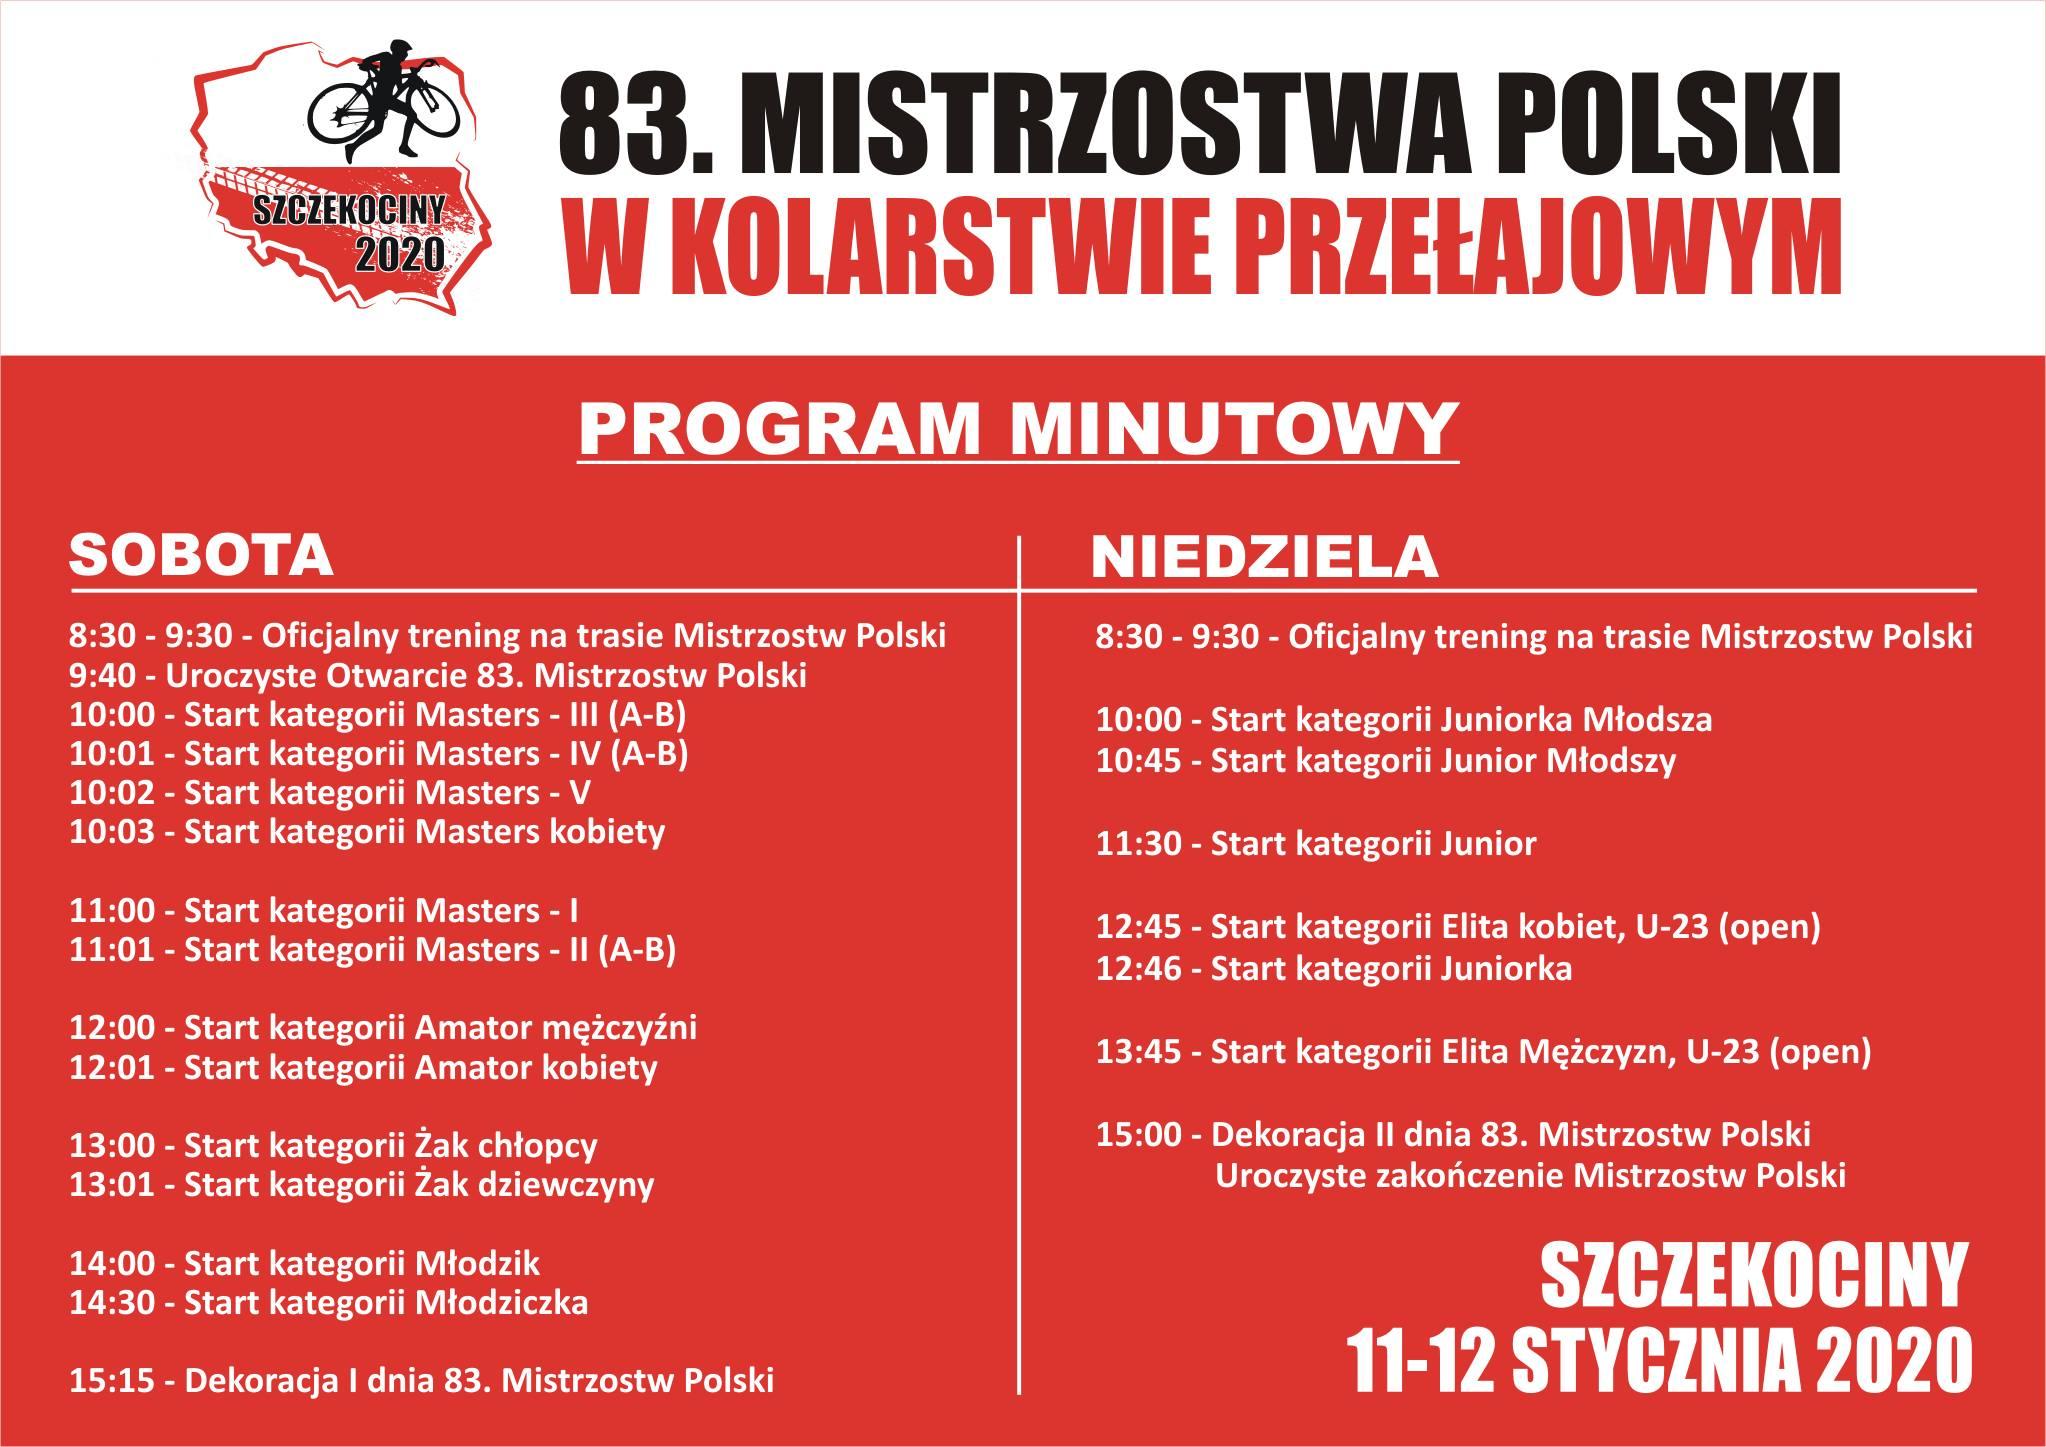 83 mistrzostwa Polski wkolarstwie przełajowym Szczekociny